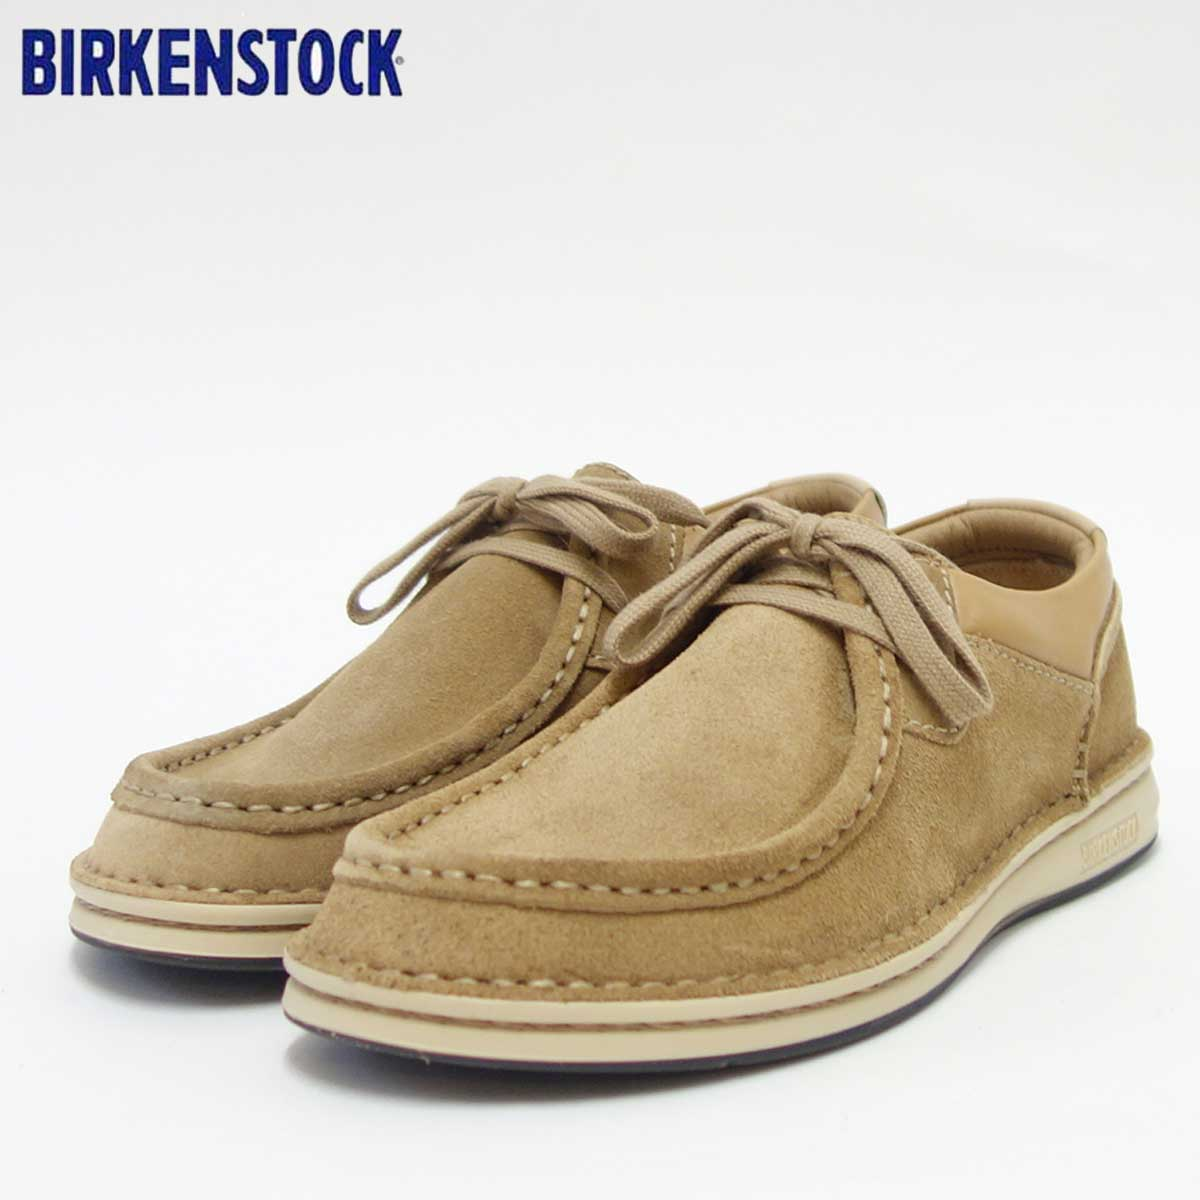 BIRKENSTOCK(ビルケンシュトック)PASADENA(パサデナ)幅狭(ナローフィット)GC 1008623(スエードレザー/サンド)ドイツ生まれの快適フットベッド(正規輸入品)「靴」, 夢きもの ae64e761